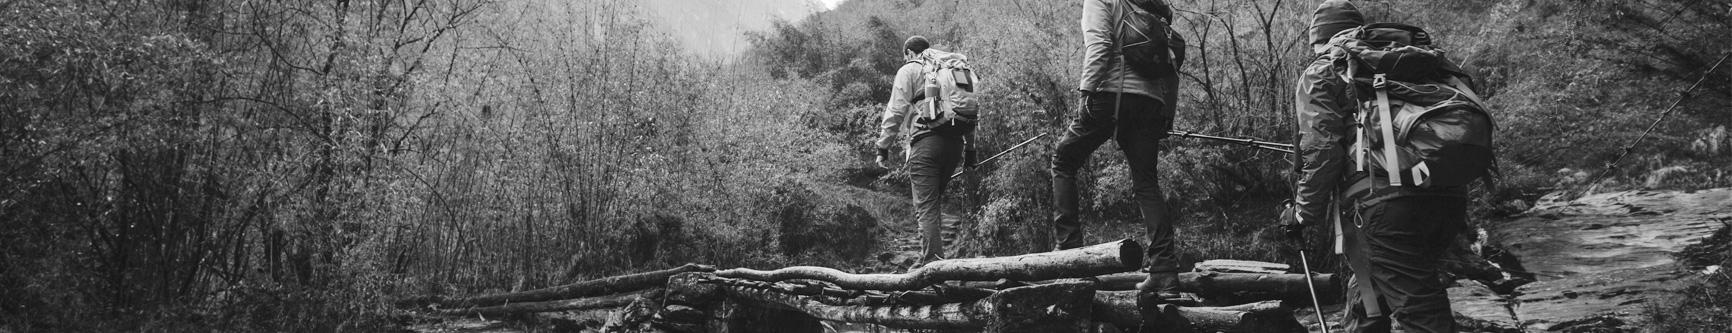 Premium Merino Hiker Banner